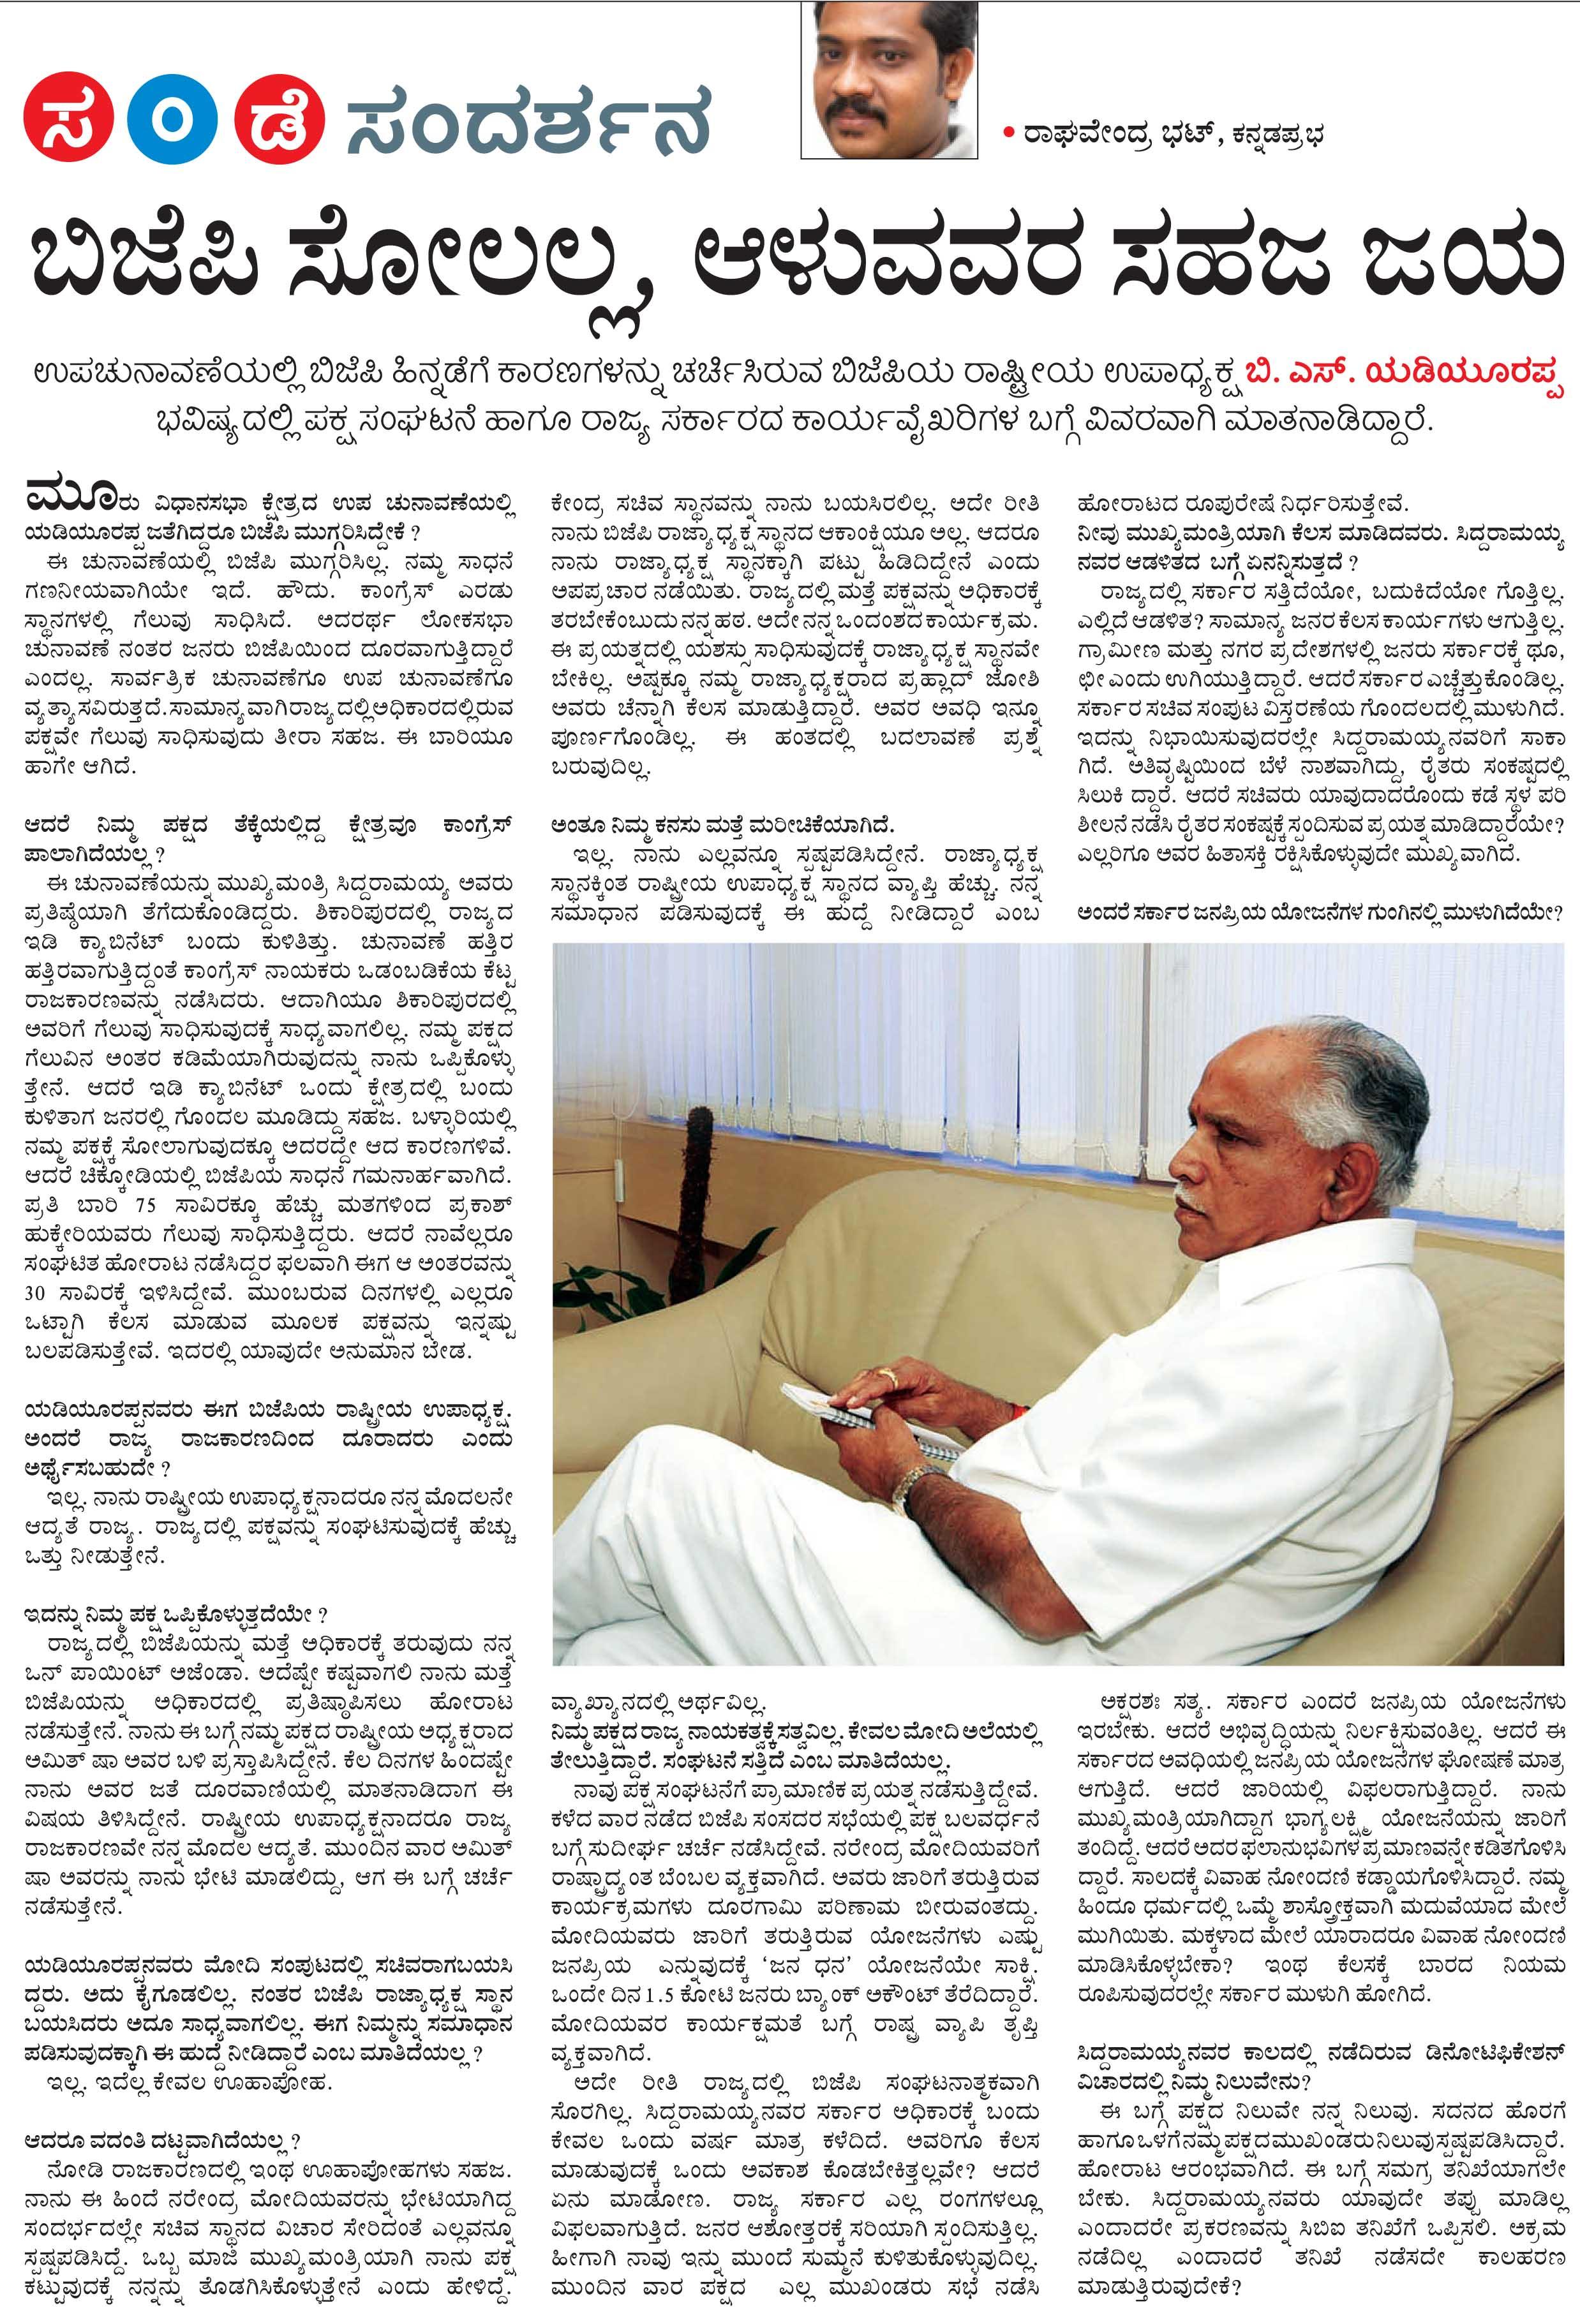 ಕನ್ನಡ ಪ್ರಭ 31-8-2014, ಪುಟ  7